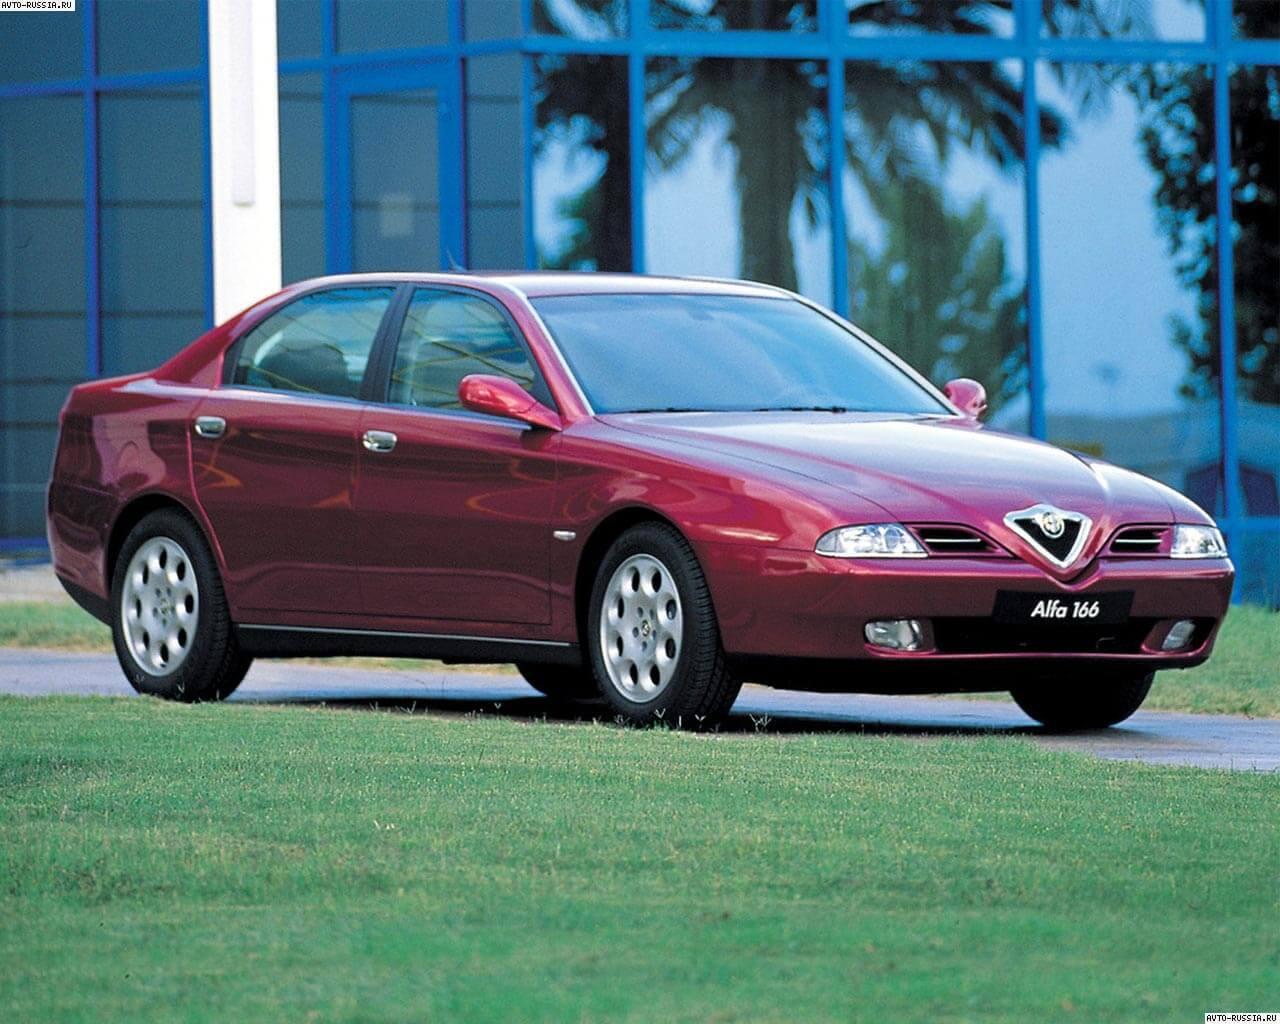 ...характеристики Alfa Romeo 166 / Альфа Ромео 166...